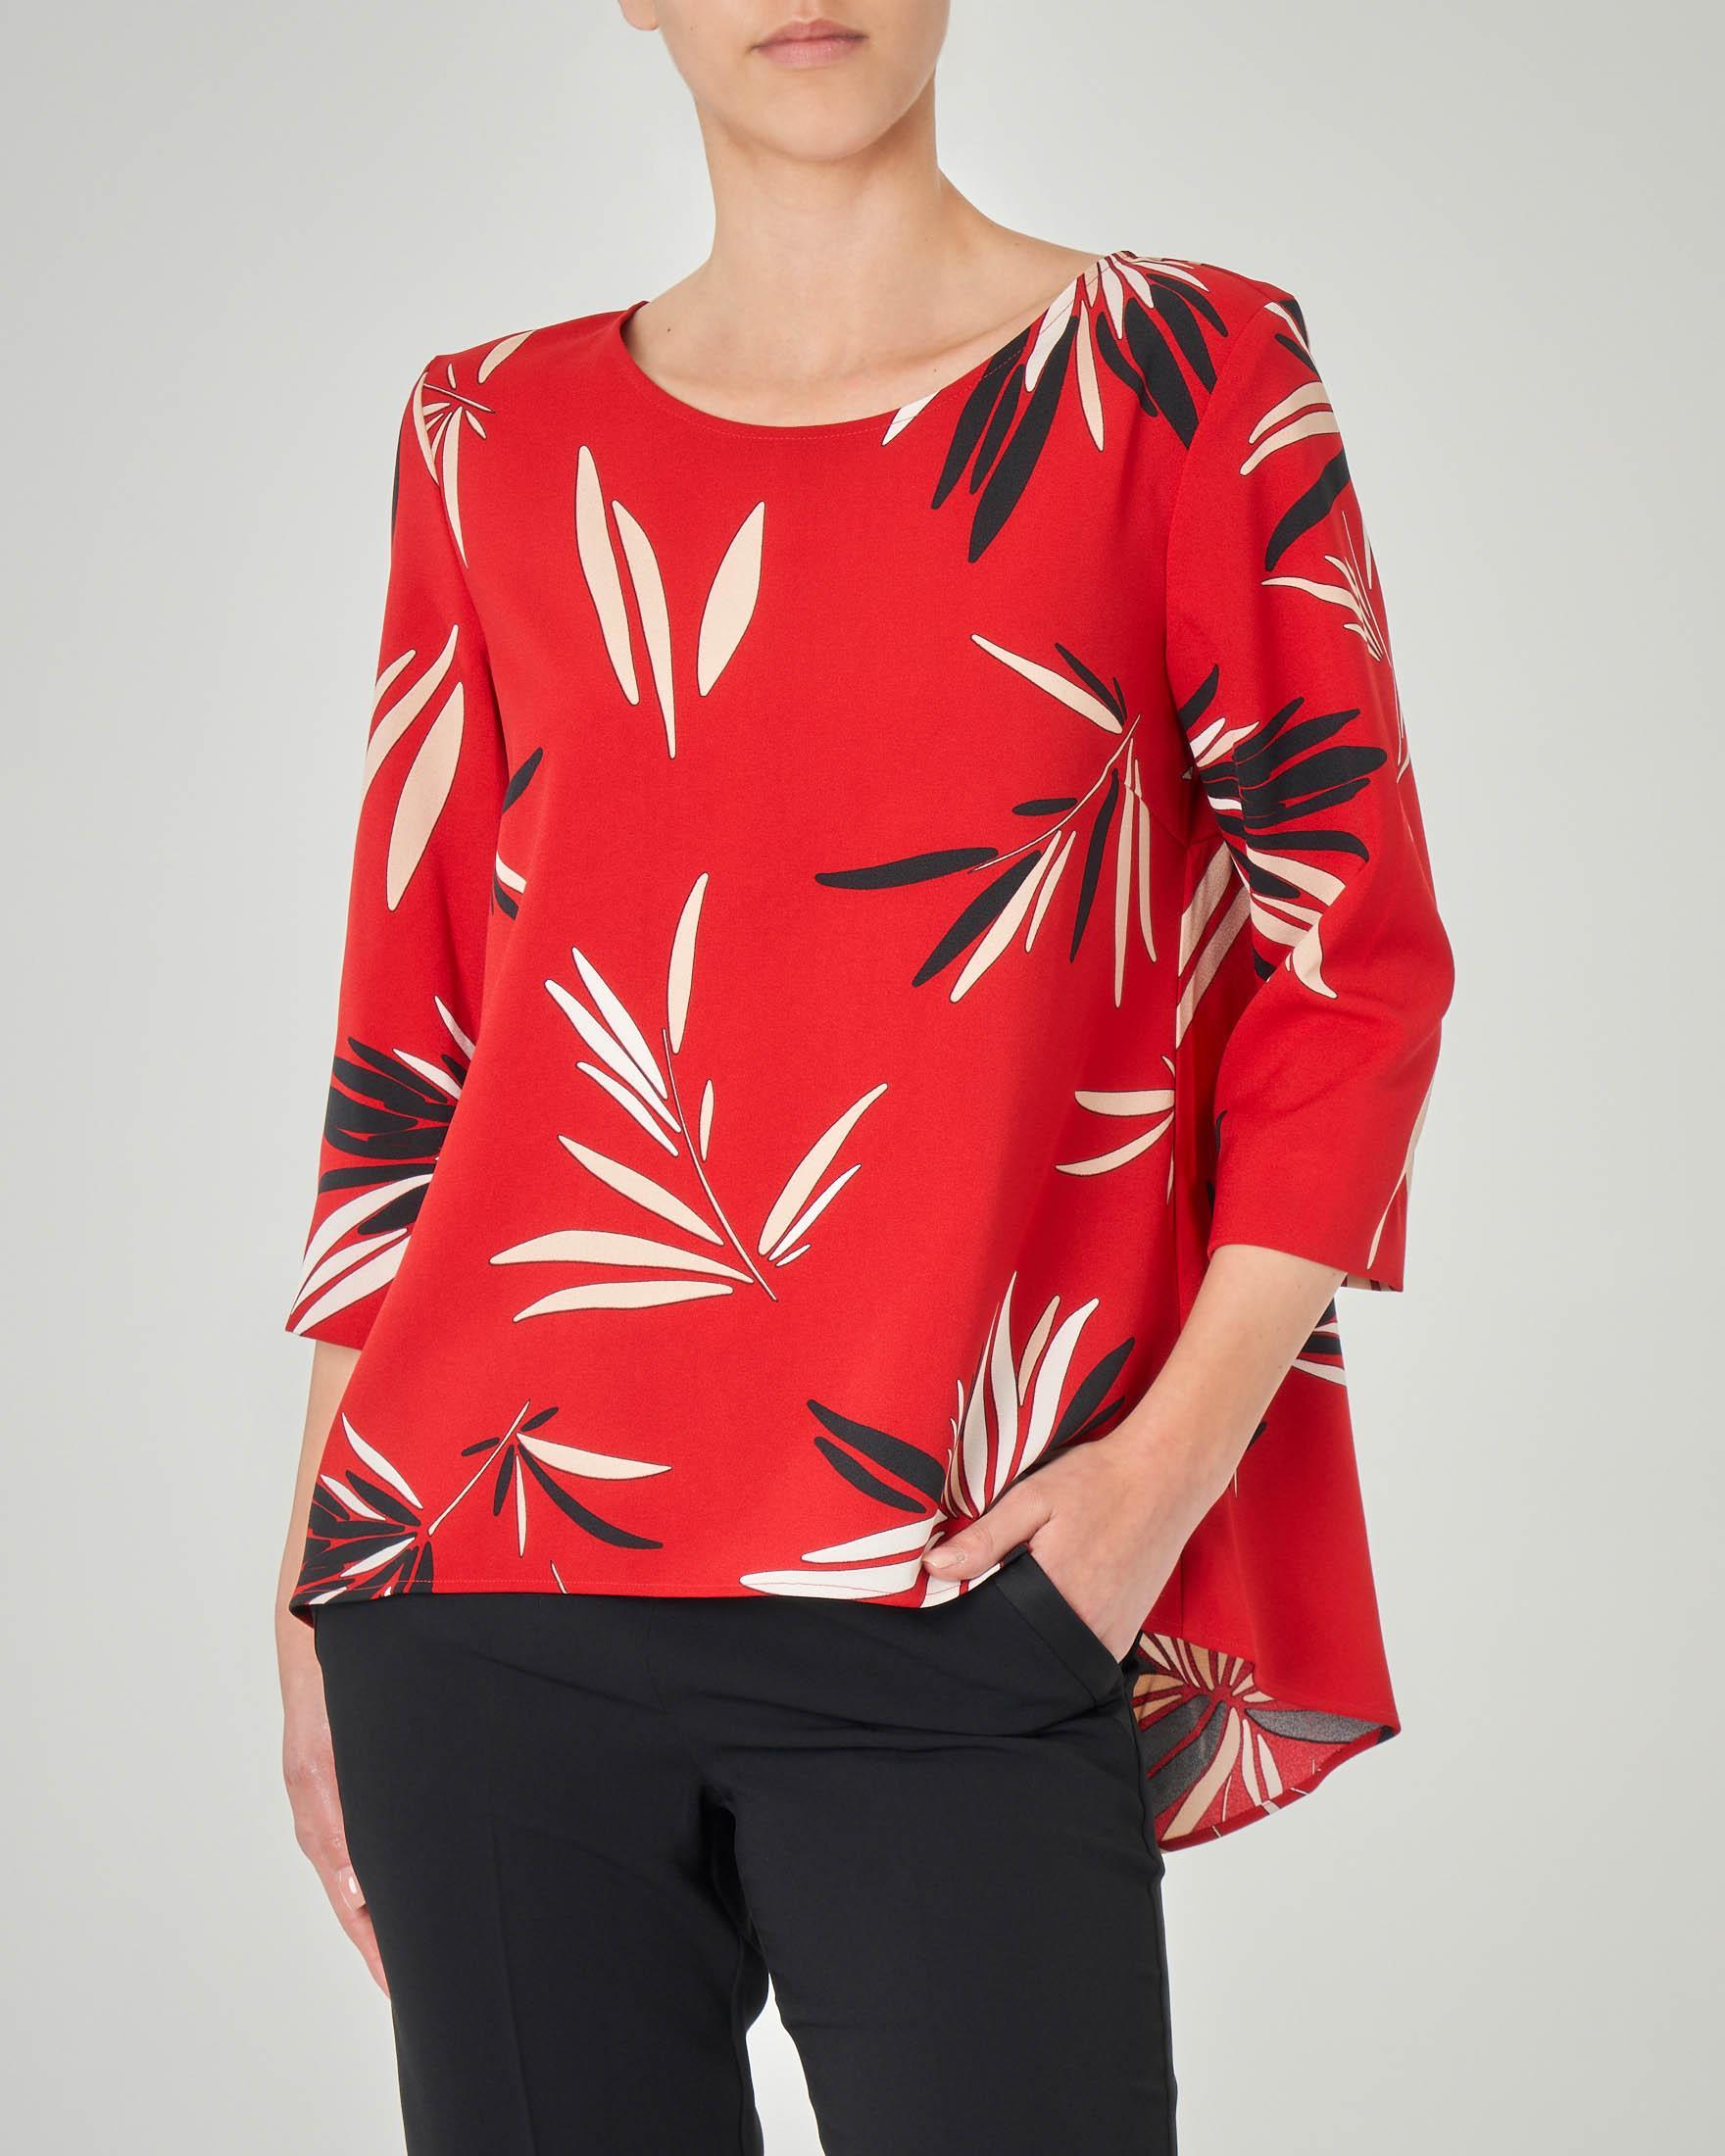 Blusa in georgette rossa a stampa foliage maniche tre quarti